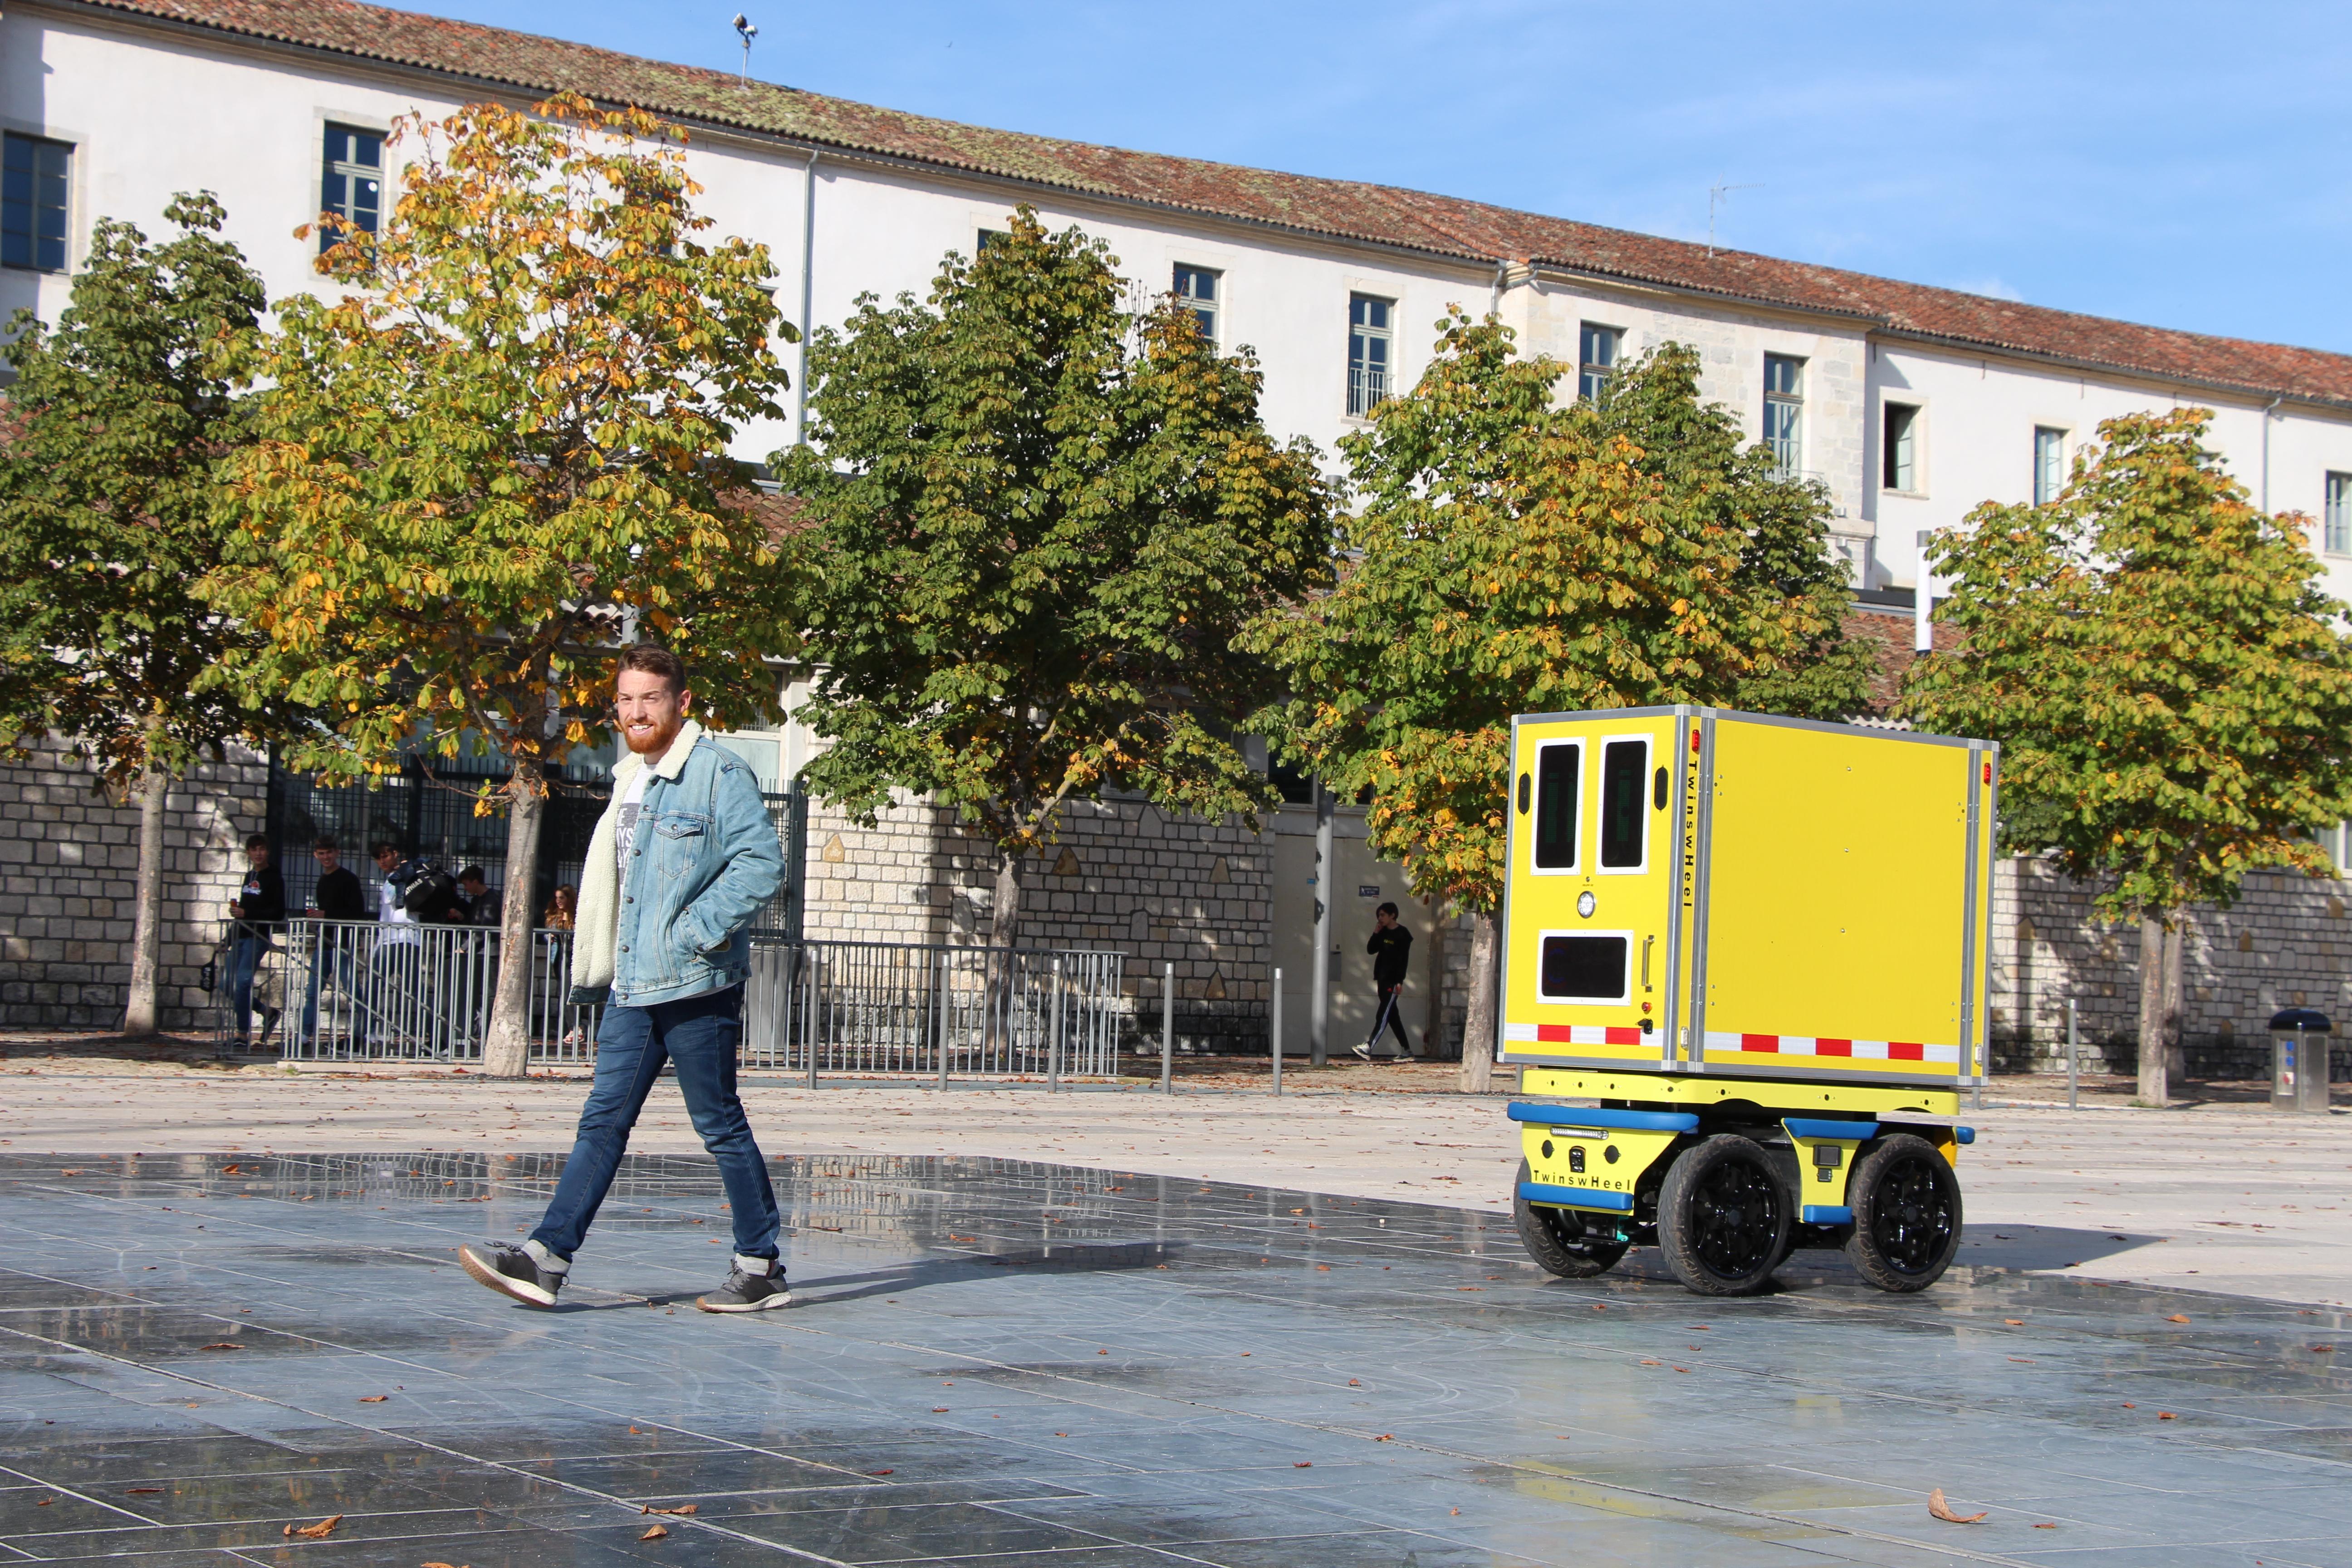 TwinswHeel présente son nouveau robot autonome destiné aux livraisons de centre-ville